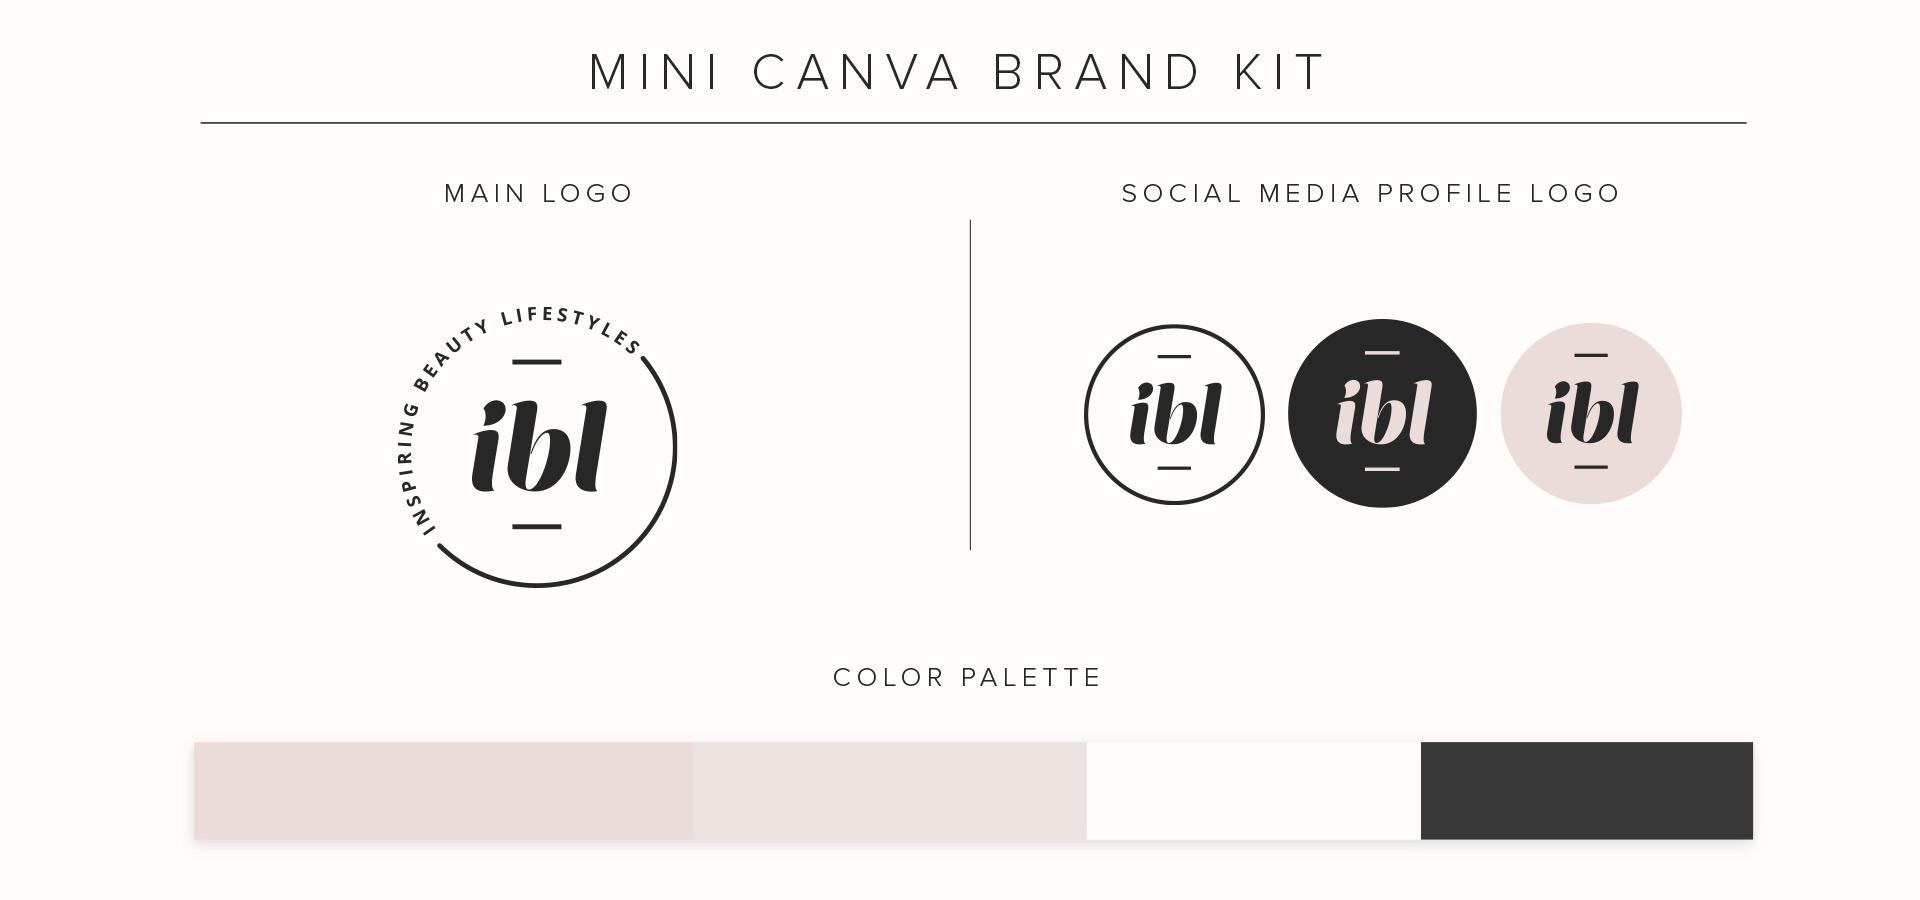 Canva social media brand kit